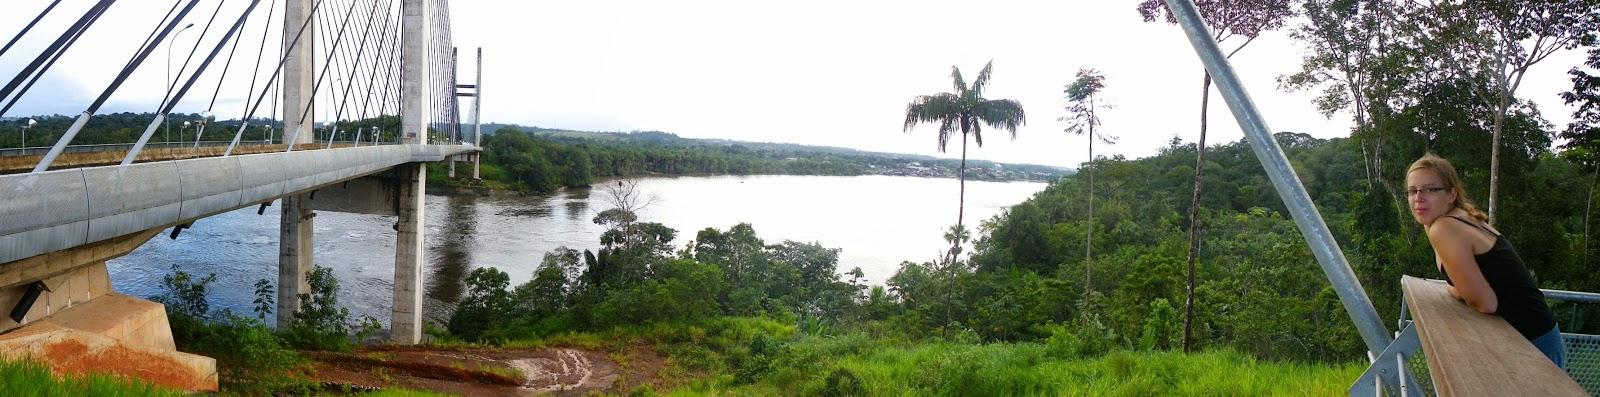 Girls in Matoury, Guyane